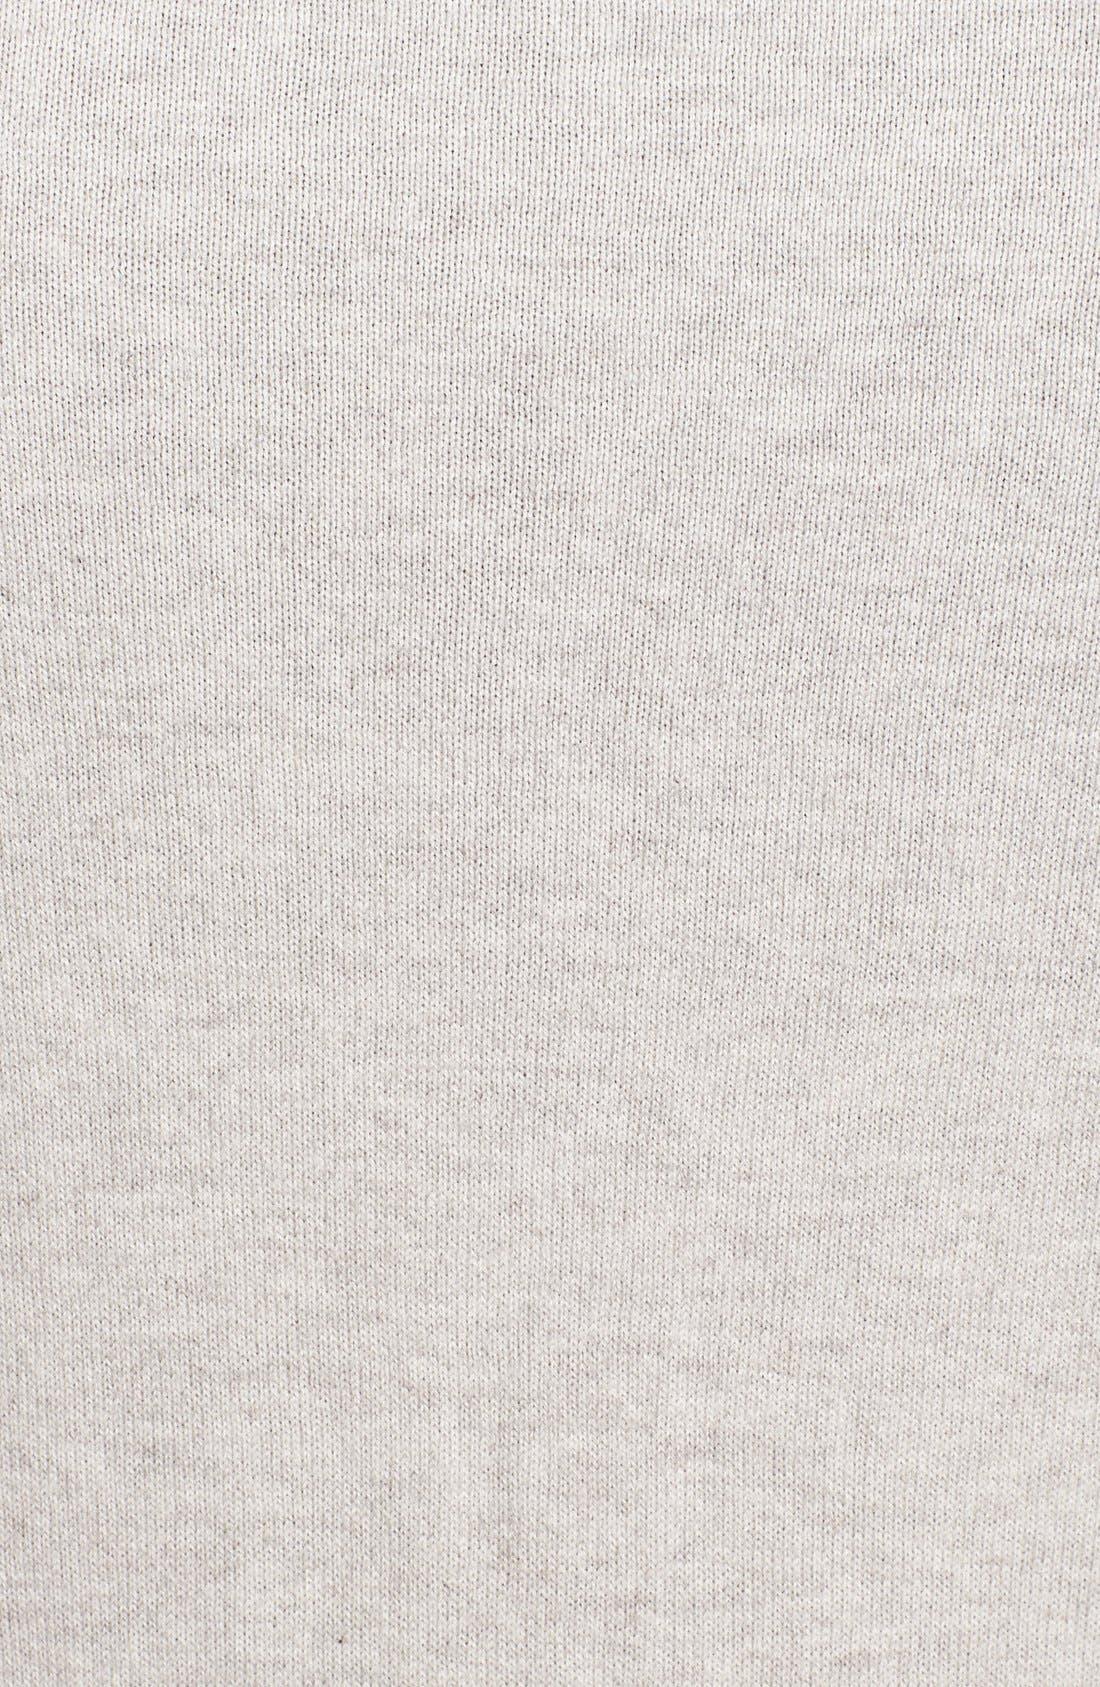 Alternate Image 3  - Jack Spade 'Buckley' V-Neck Sweater